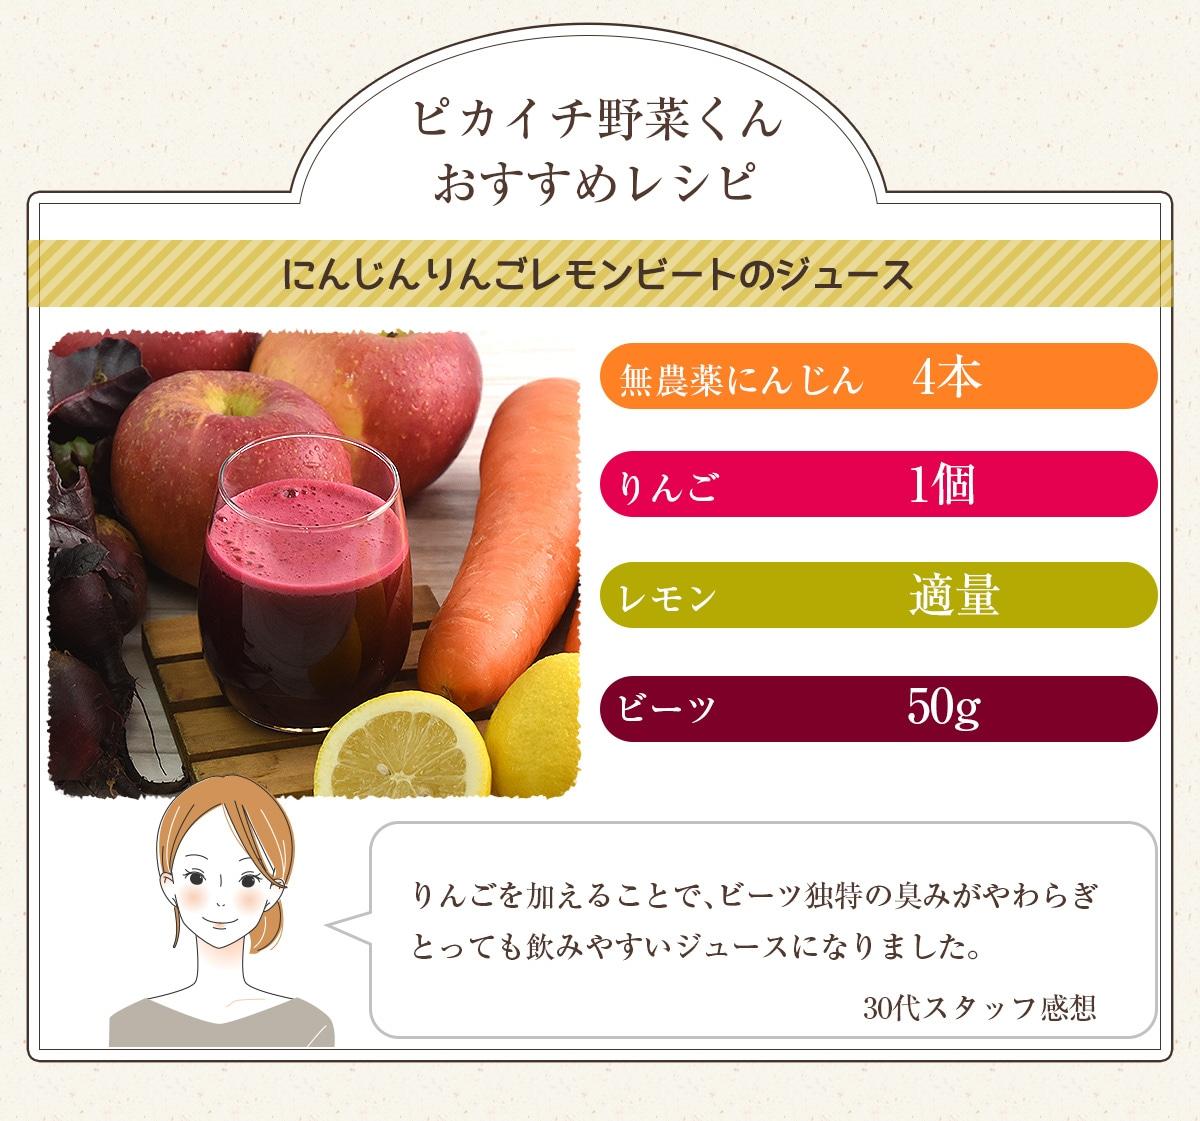 にんじんりんごレモンビートのジュース